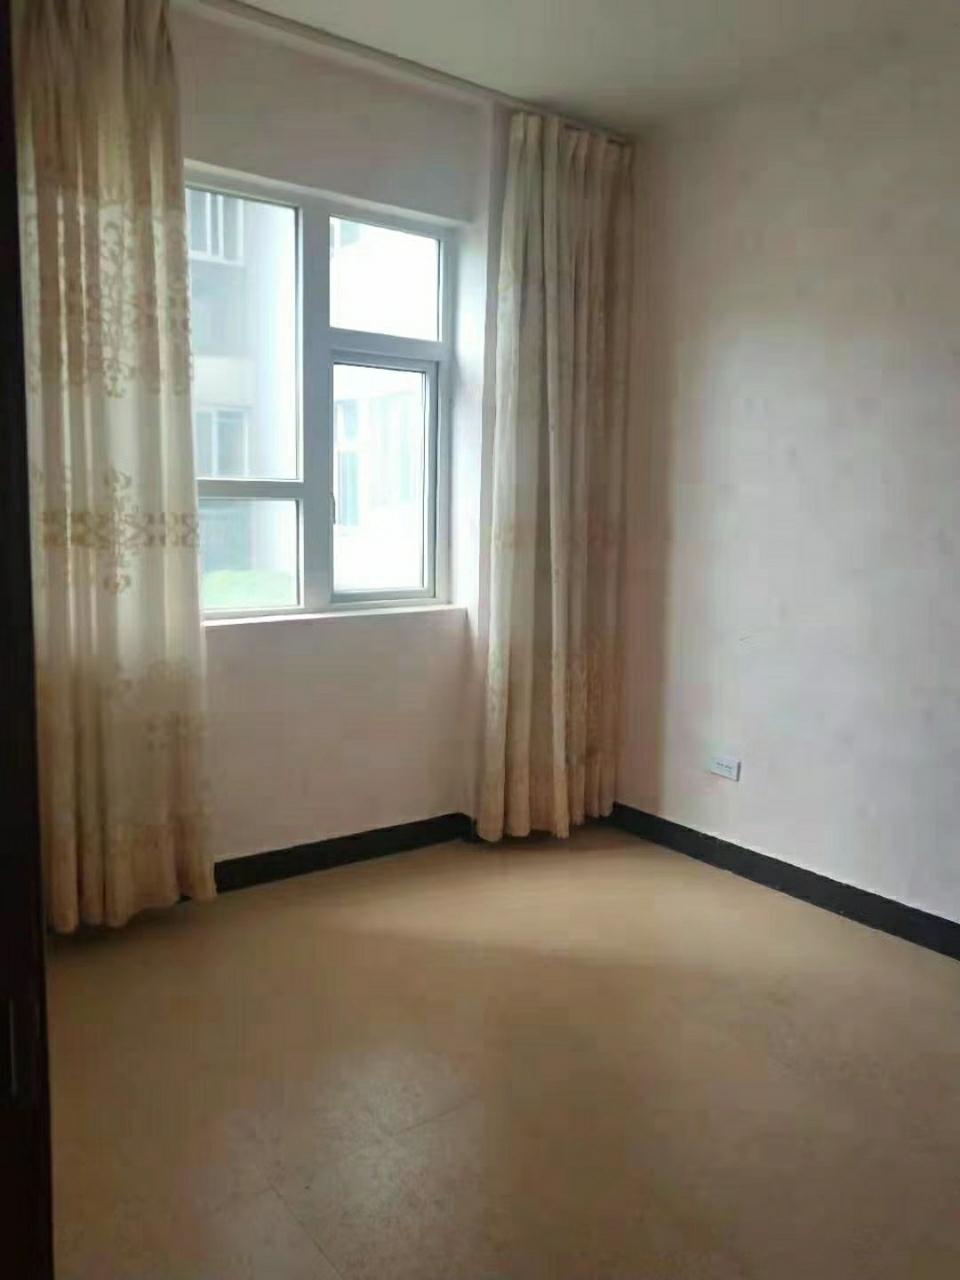 二小學區房瑞迪大廈小區2室 2廳 1衛36.8萬元